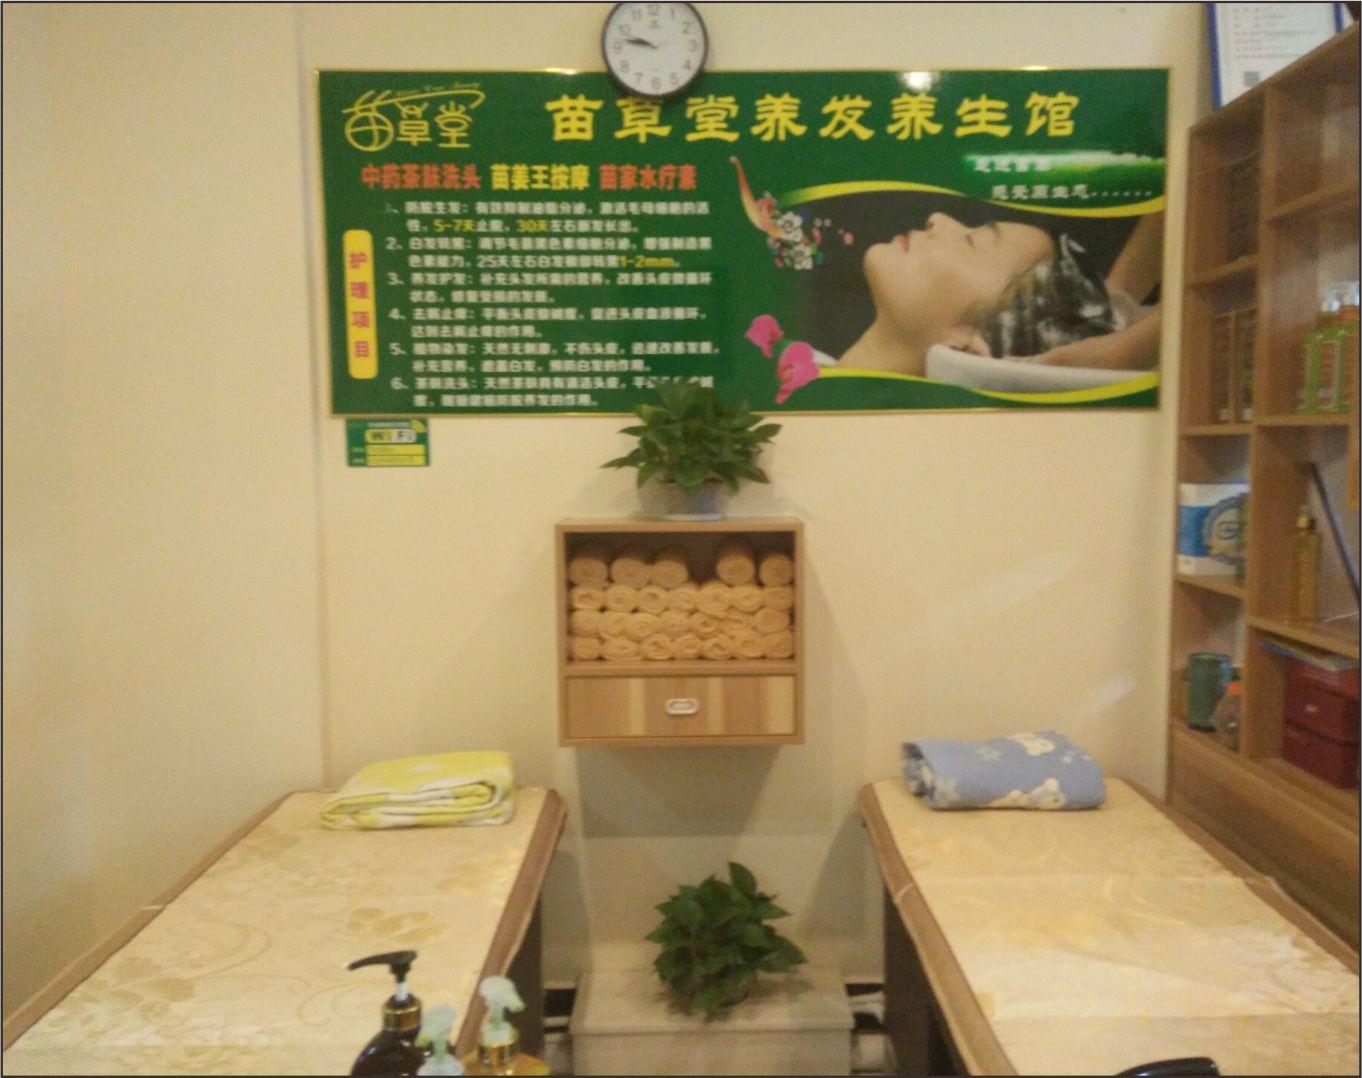 江西赣州第三分店